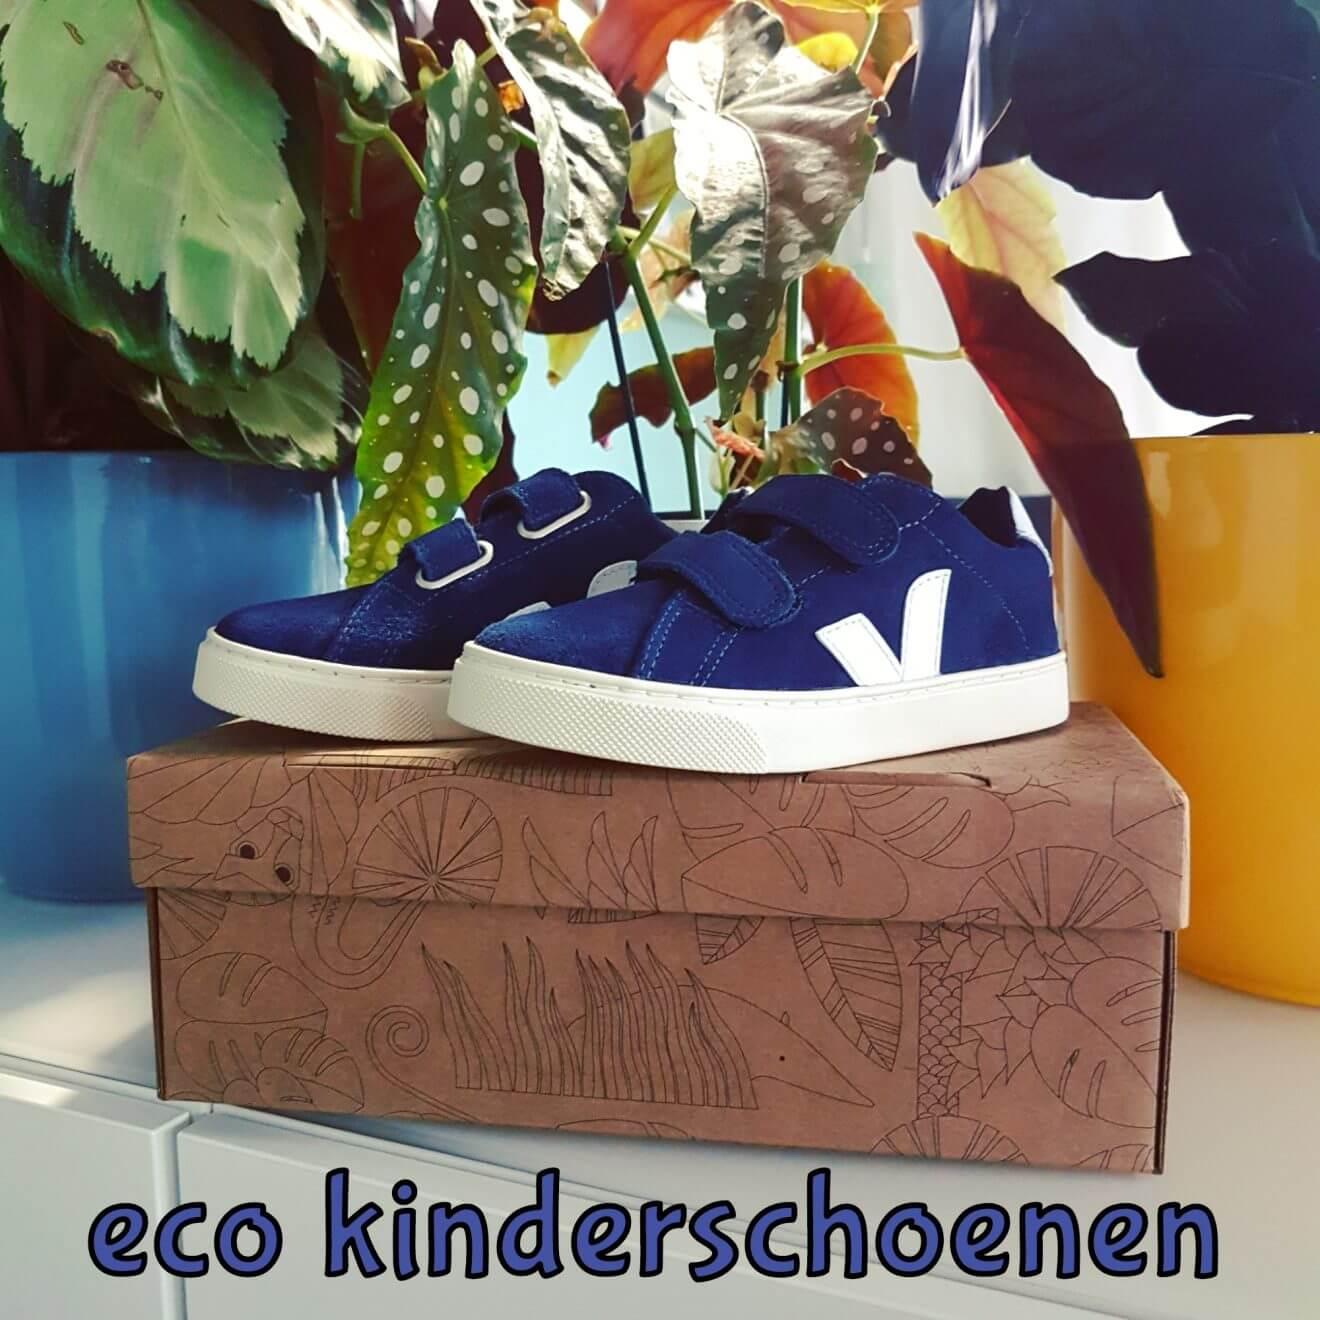 Veja: verantwoorde eco kinderschoenen